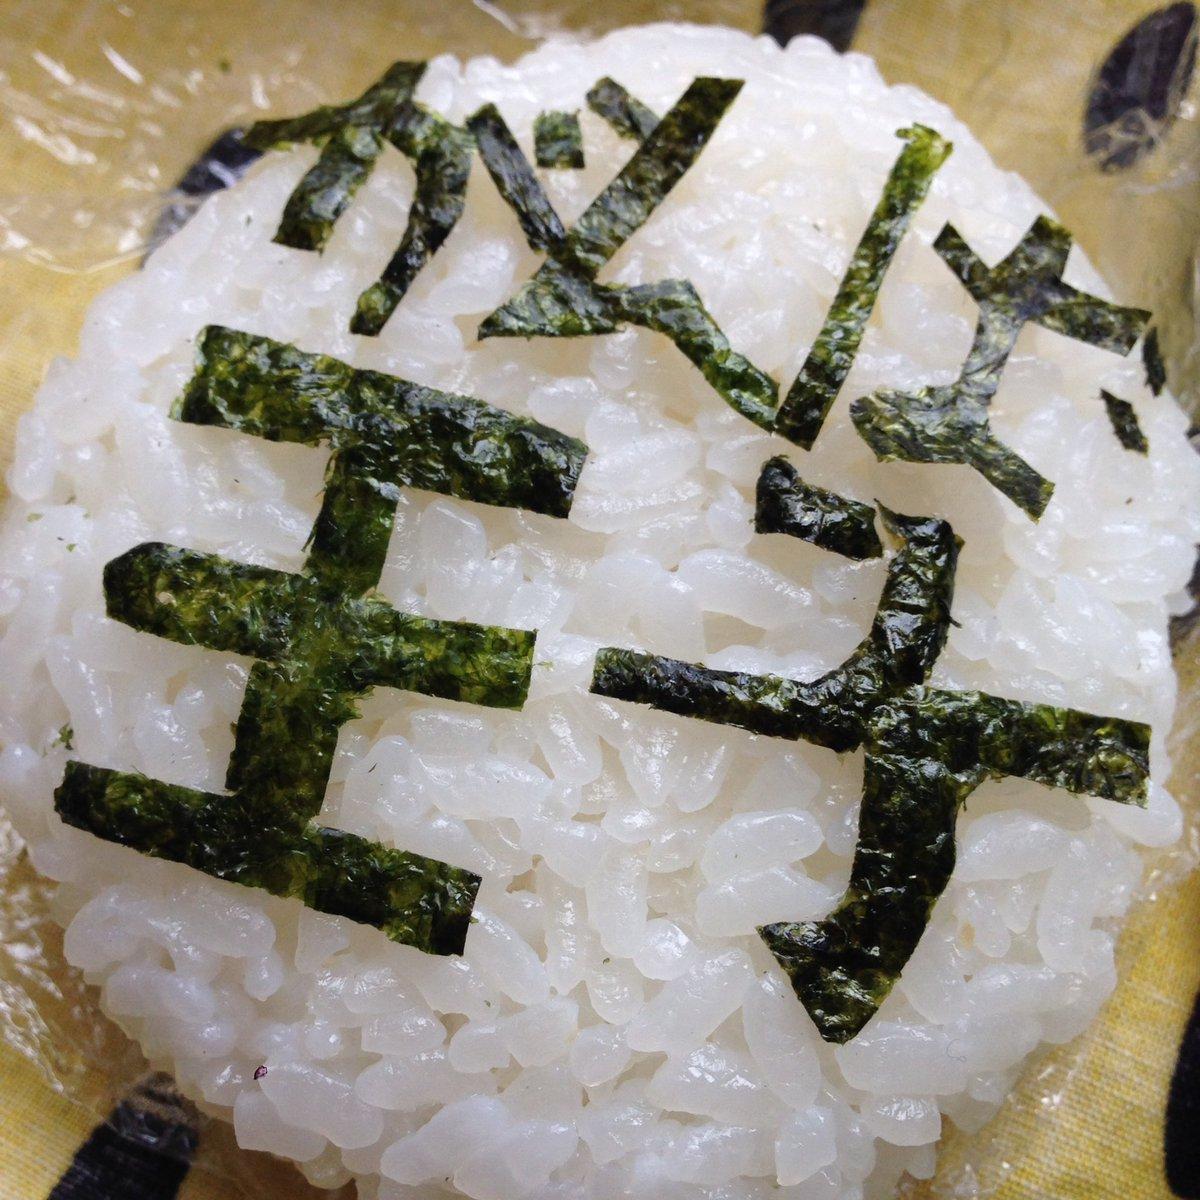 れ、抜き💚さぁー今週もがんばろう#SMAP#香取慎吾 #SMAP25YEARS 番外編#Onigiri